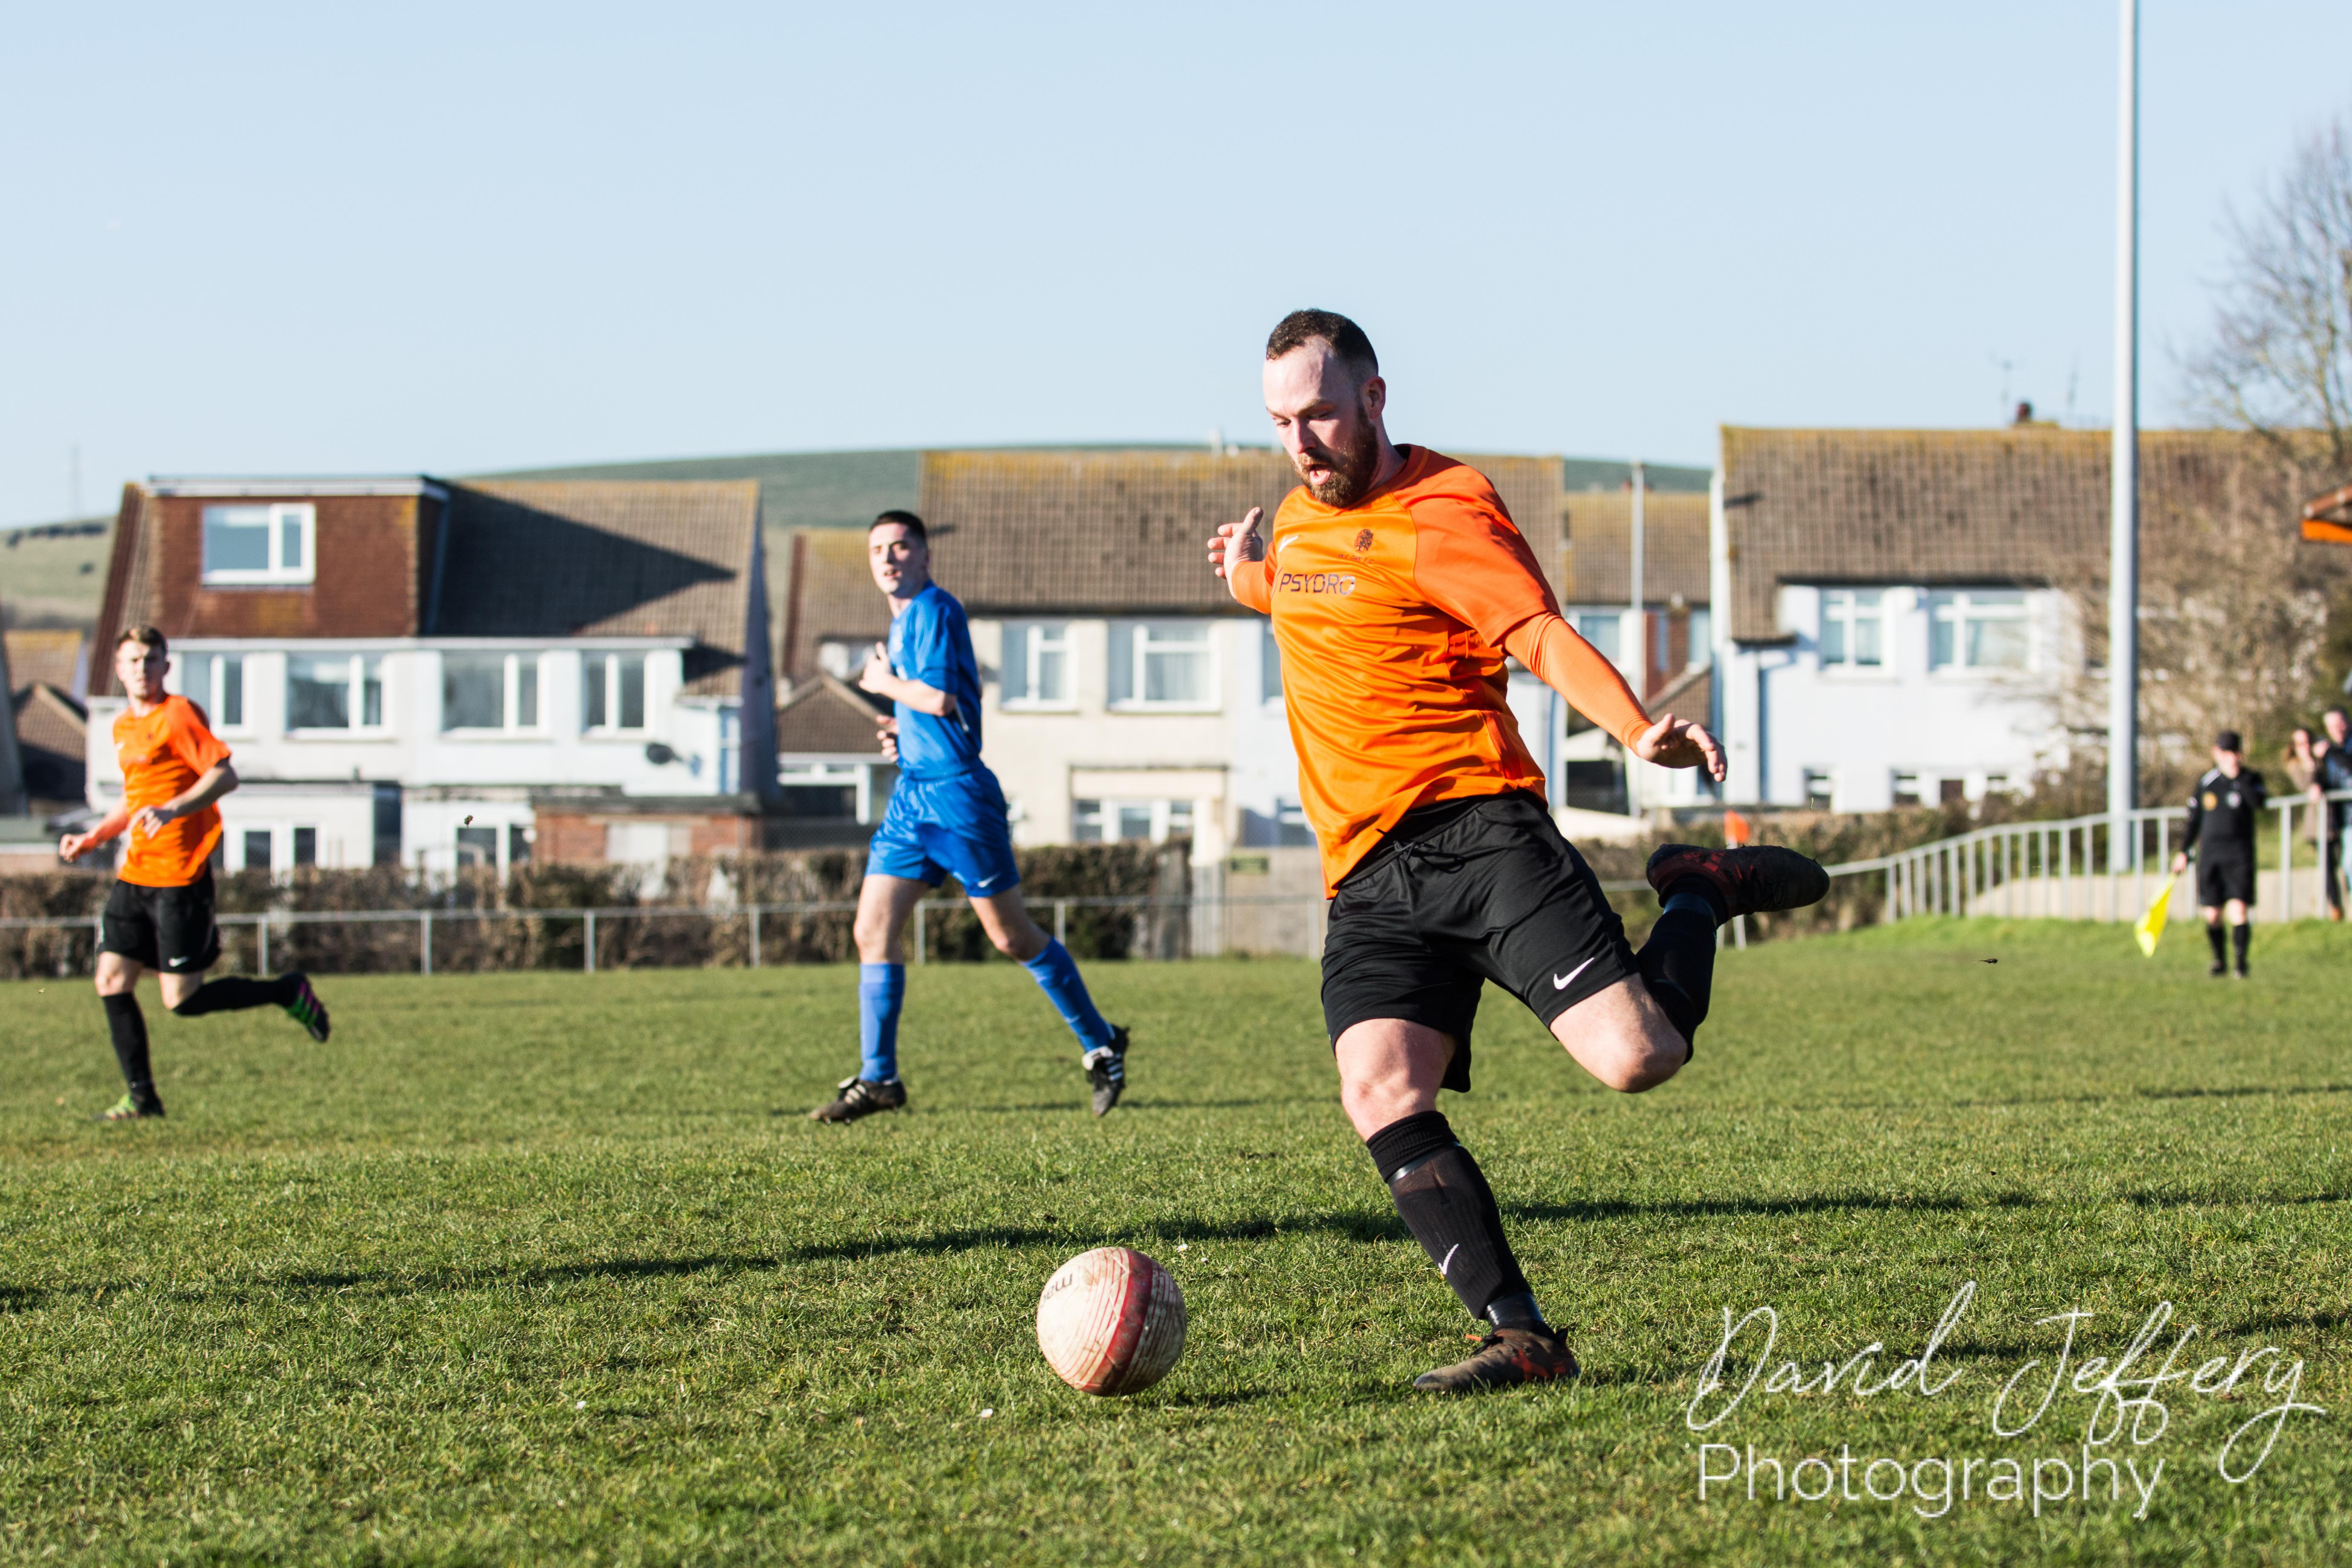 DAVID_JEFFERY MOFC vs Storrington 027